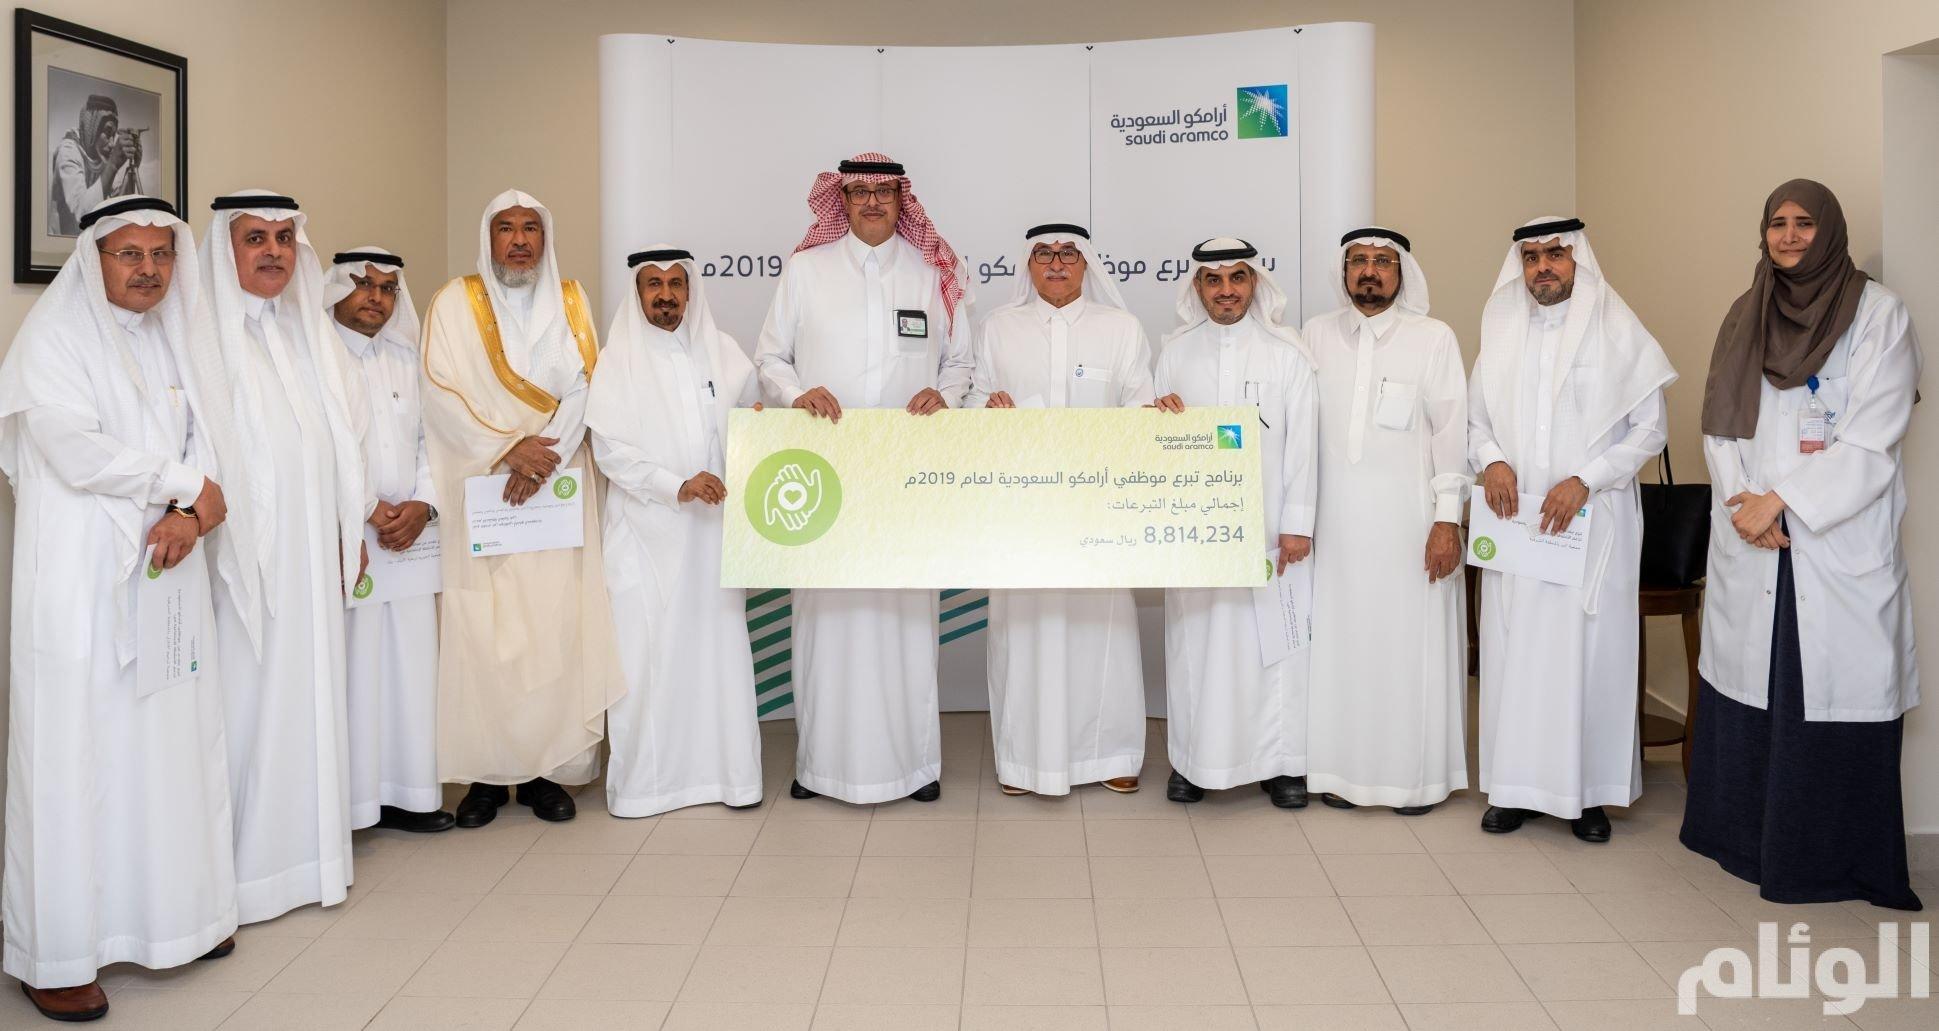 موظفو أرامكو يدعمون 18 جمعية خيرية على مستوى المملكة بما يقارب 9 ملايين ريال